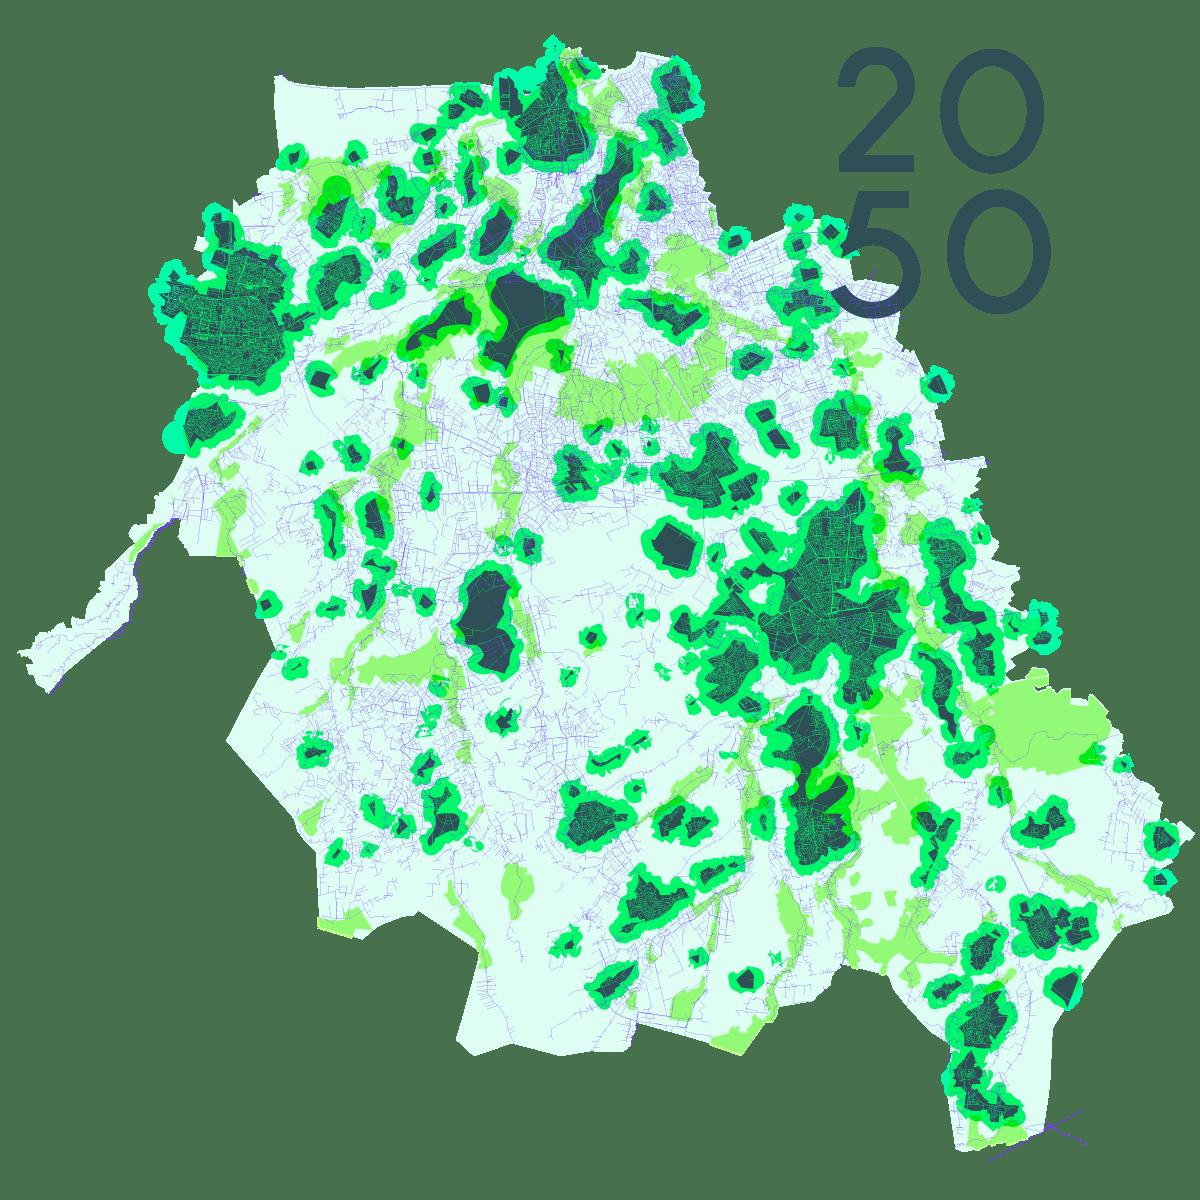 kennedy-2050